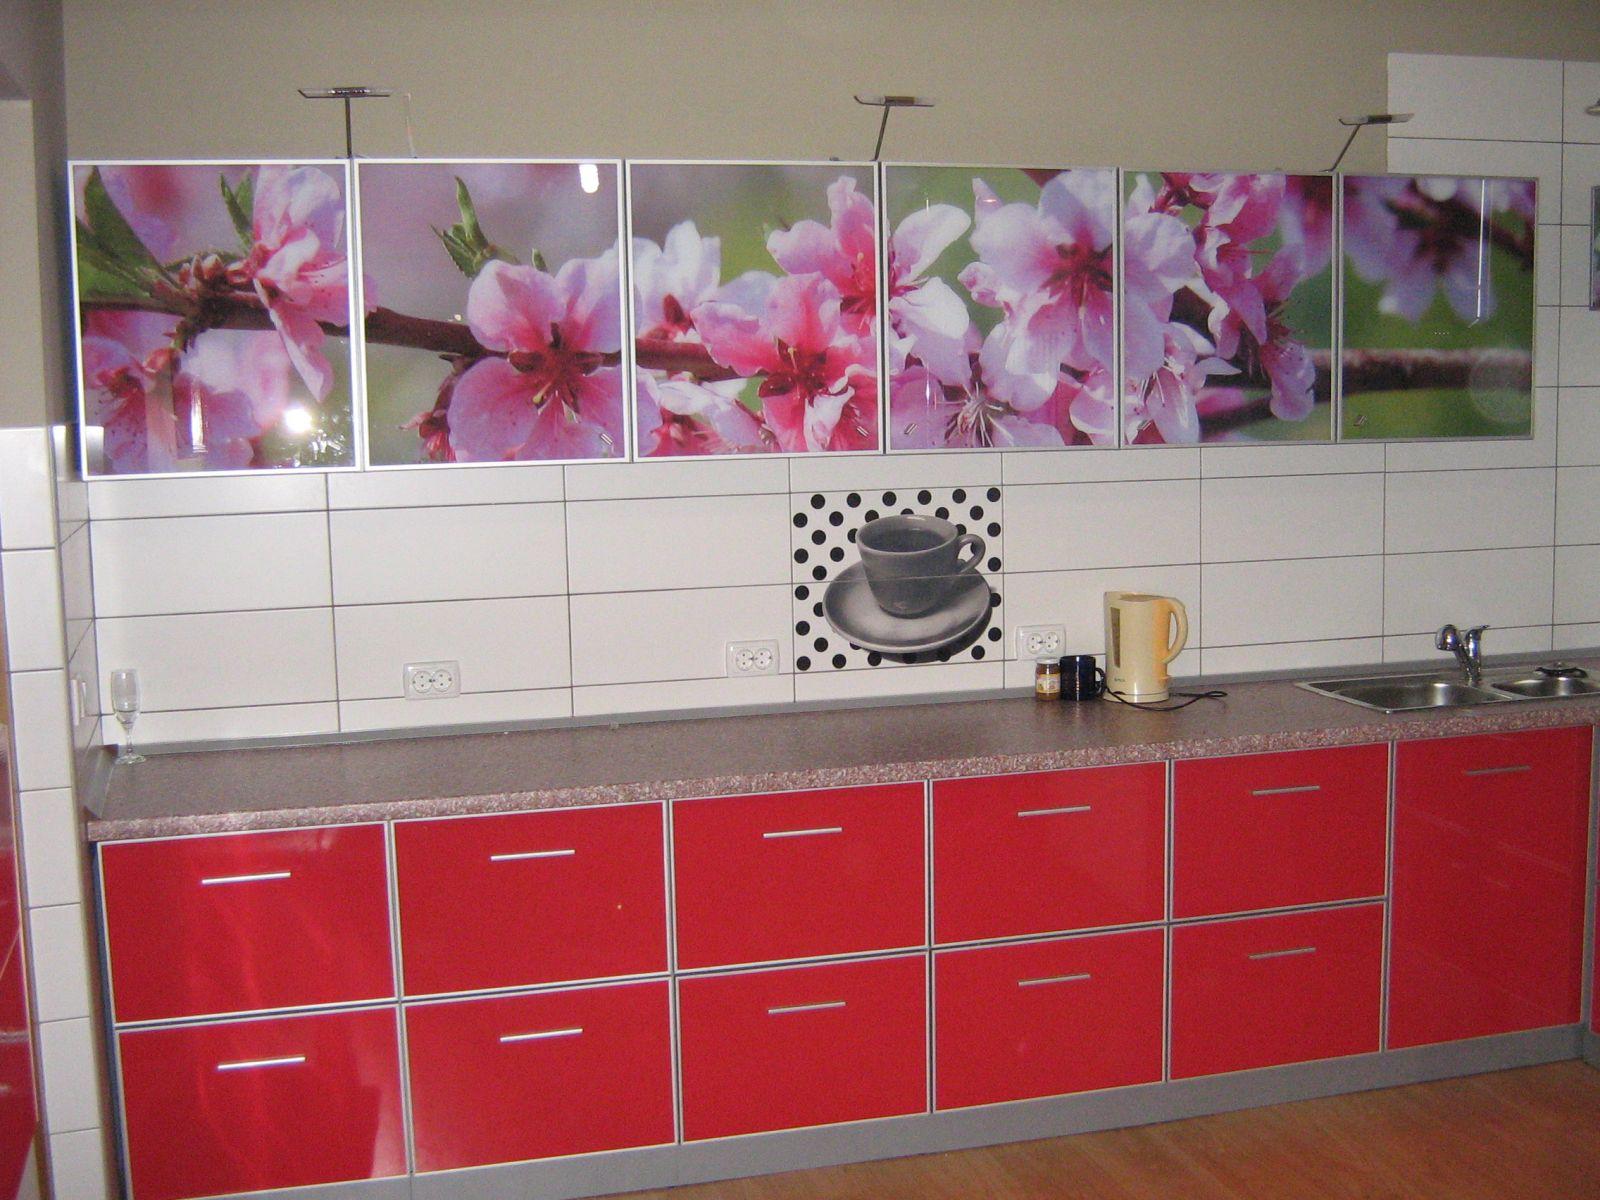 18.Панорамный рисунок хорош для кухни, вытянутой в длину.